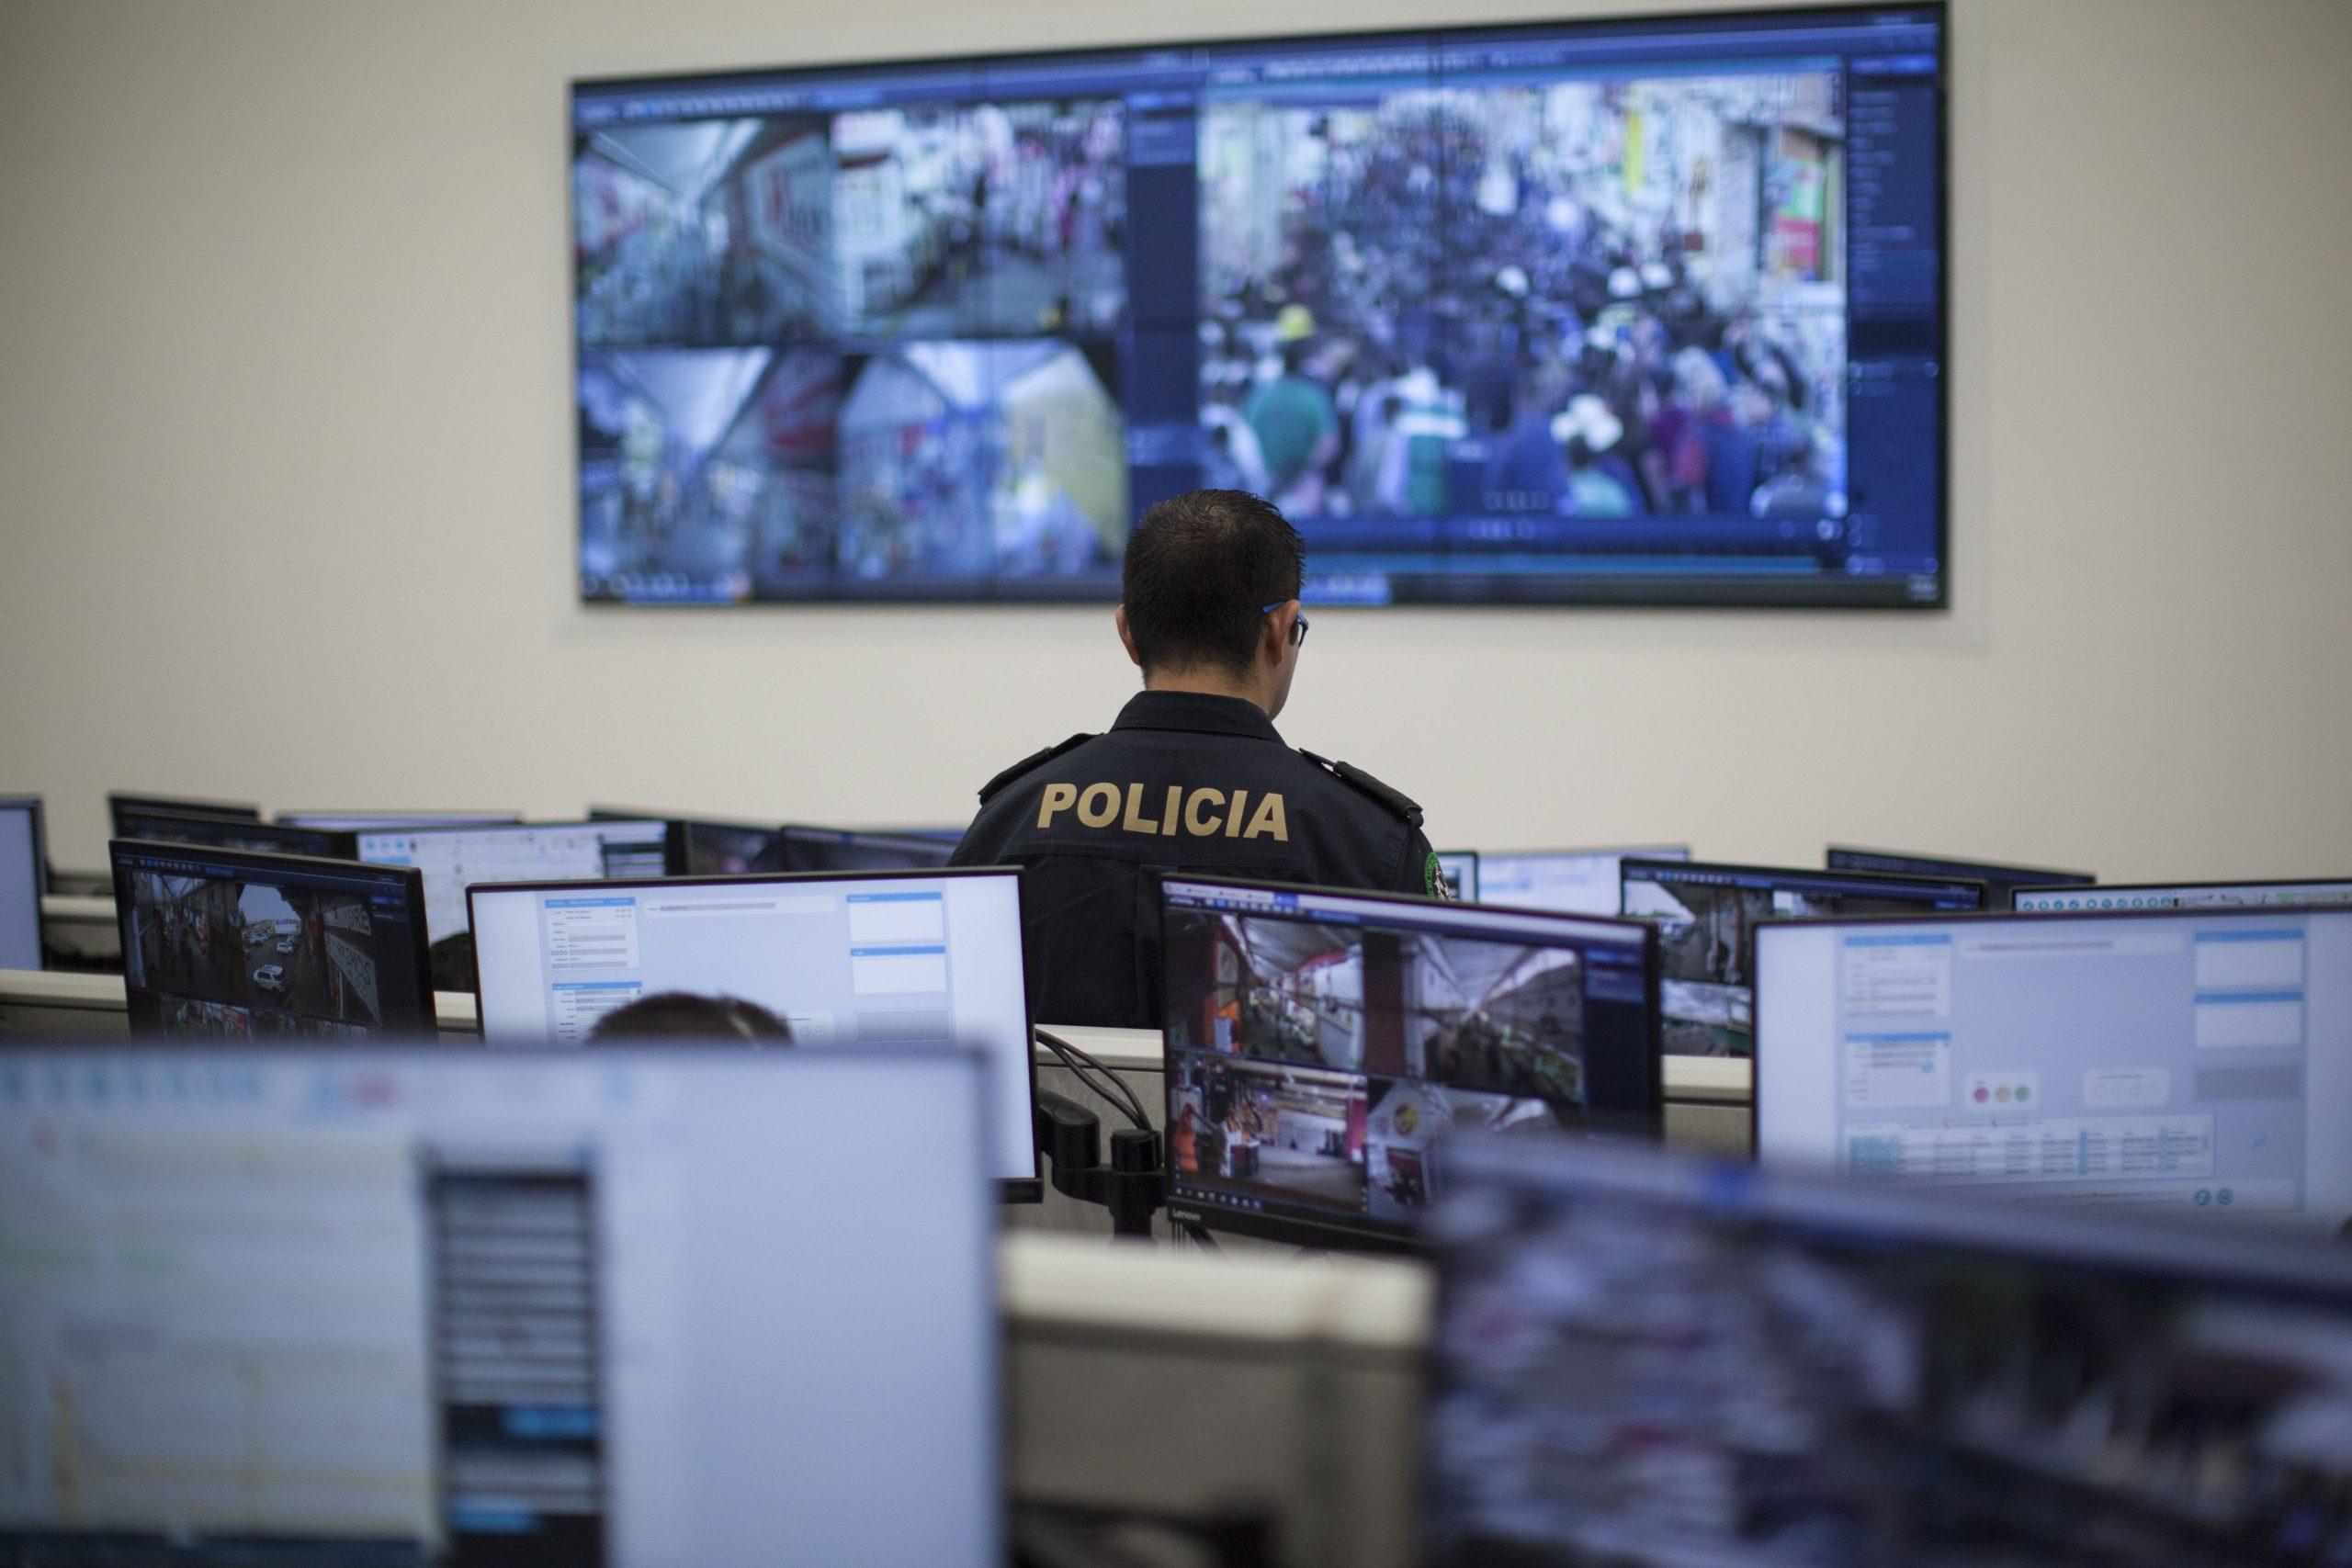 Policías en un centro de cibervigilancia en la CDMX. Foto: Alejandro Saldívar